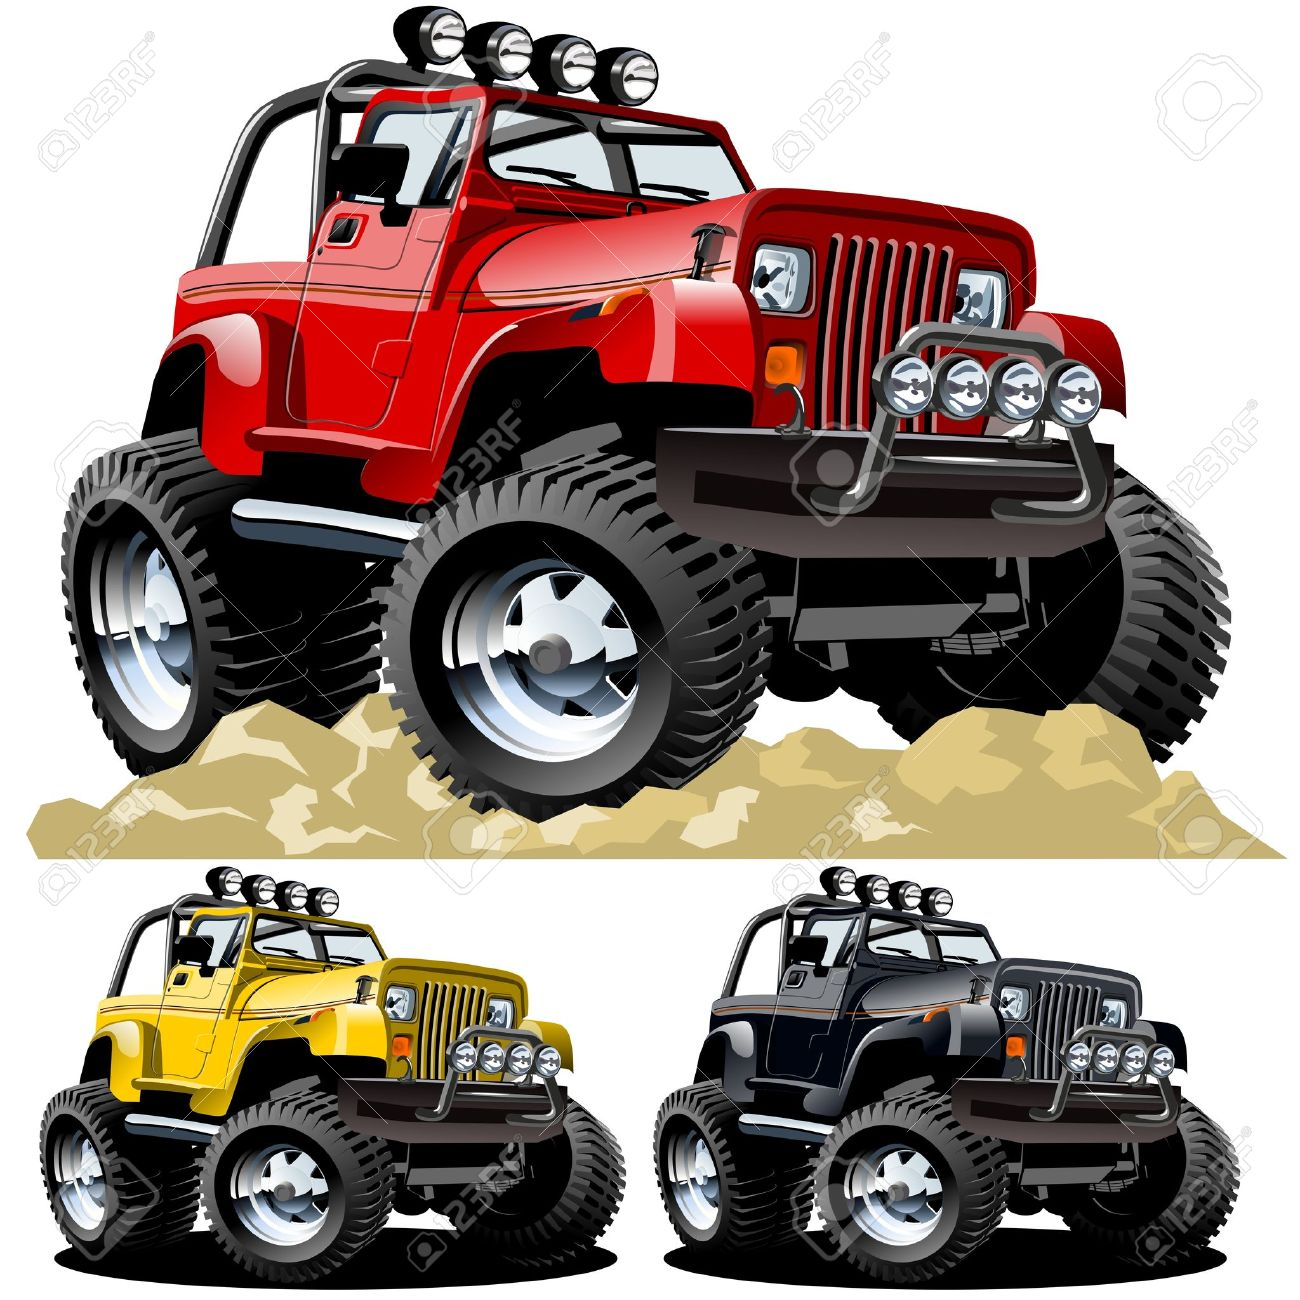 Vector Cartoon Jeep One-click Repaint Royalty Free Cliparts, Vectors